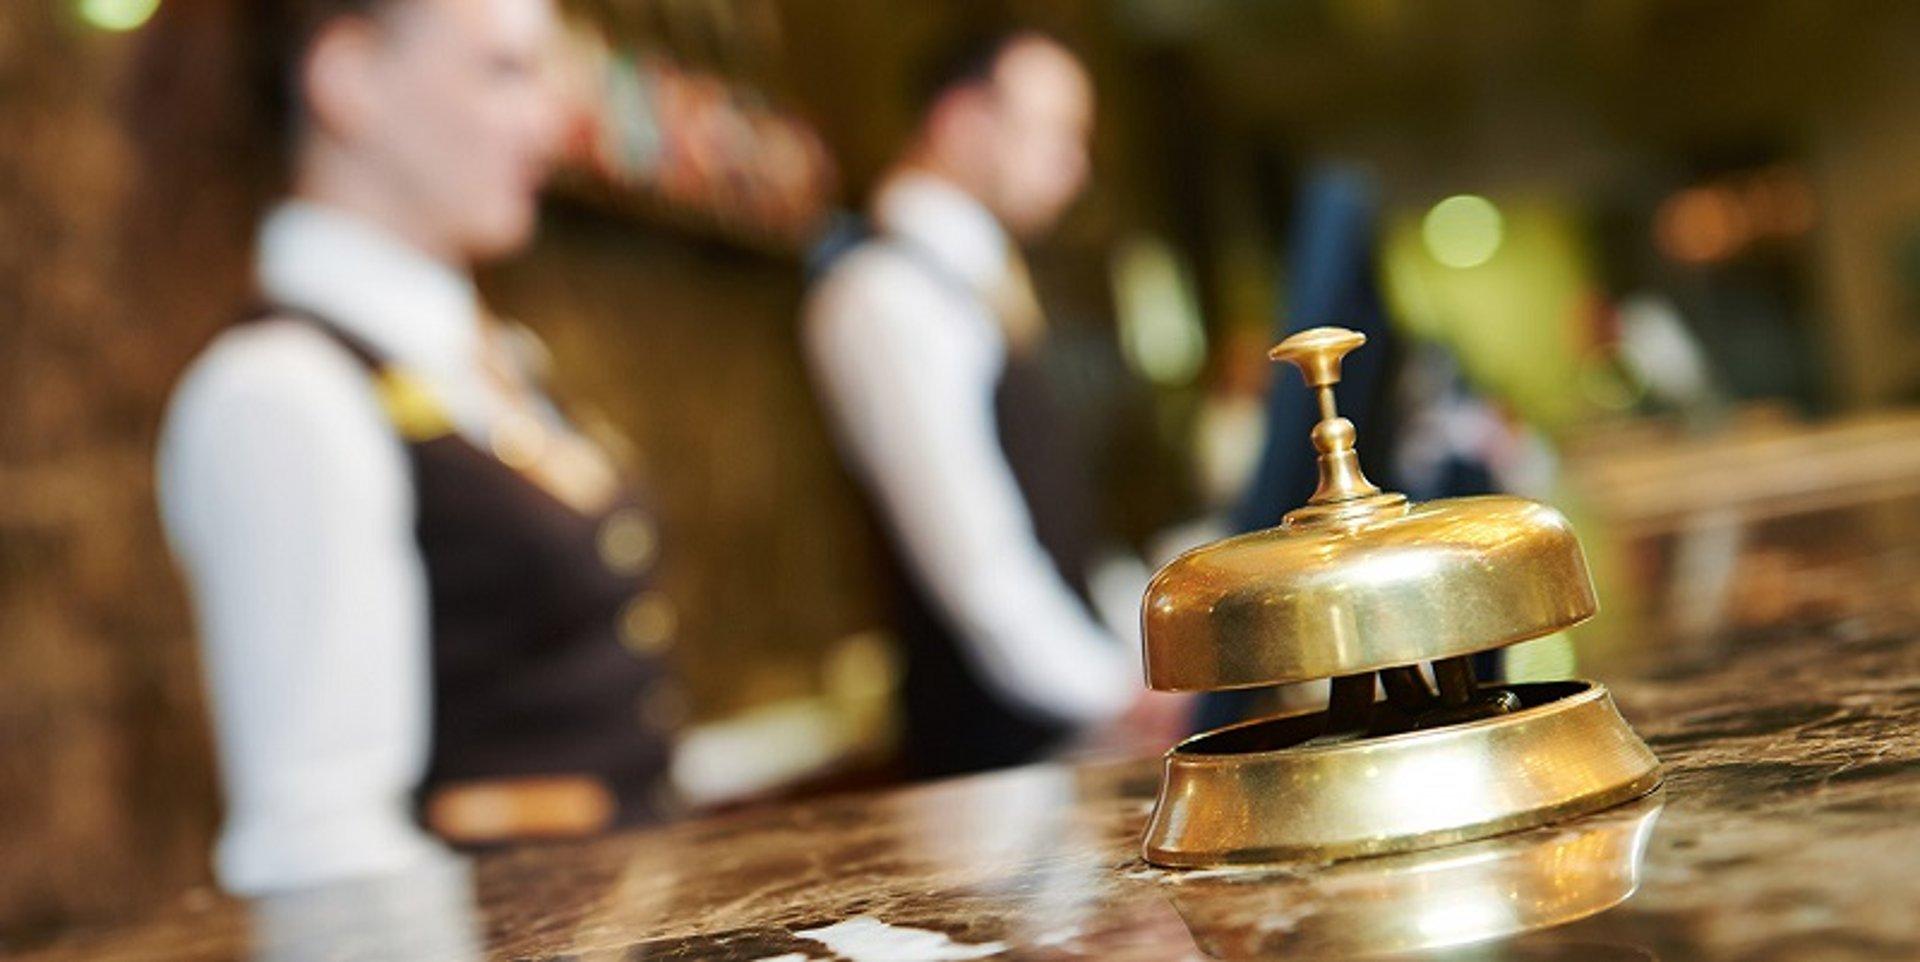 Lavoratori - Formazione generale e specifica Basso rischio Turismo con ristorazione - 8 ore